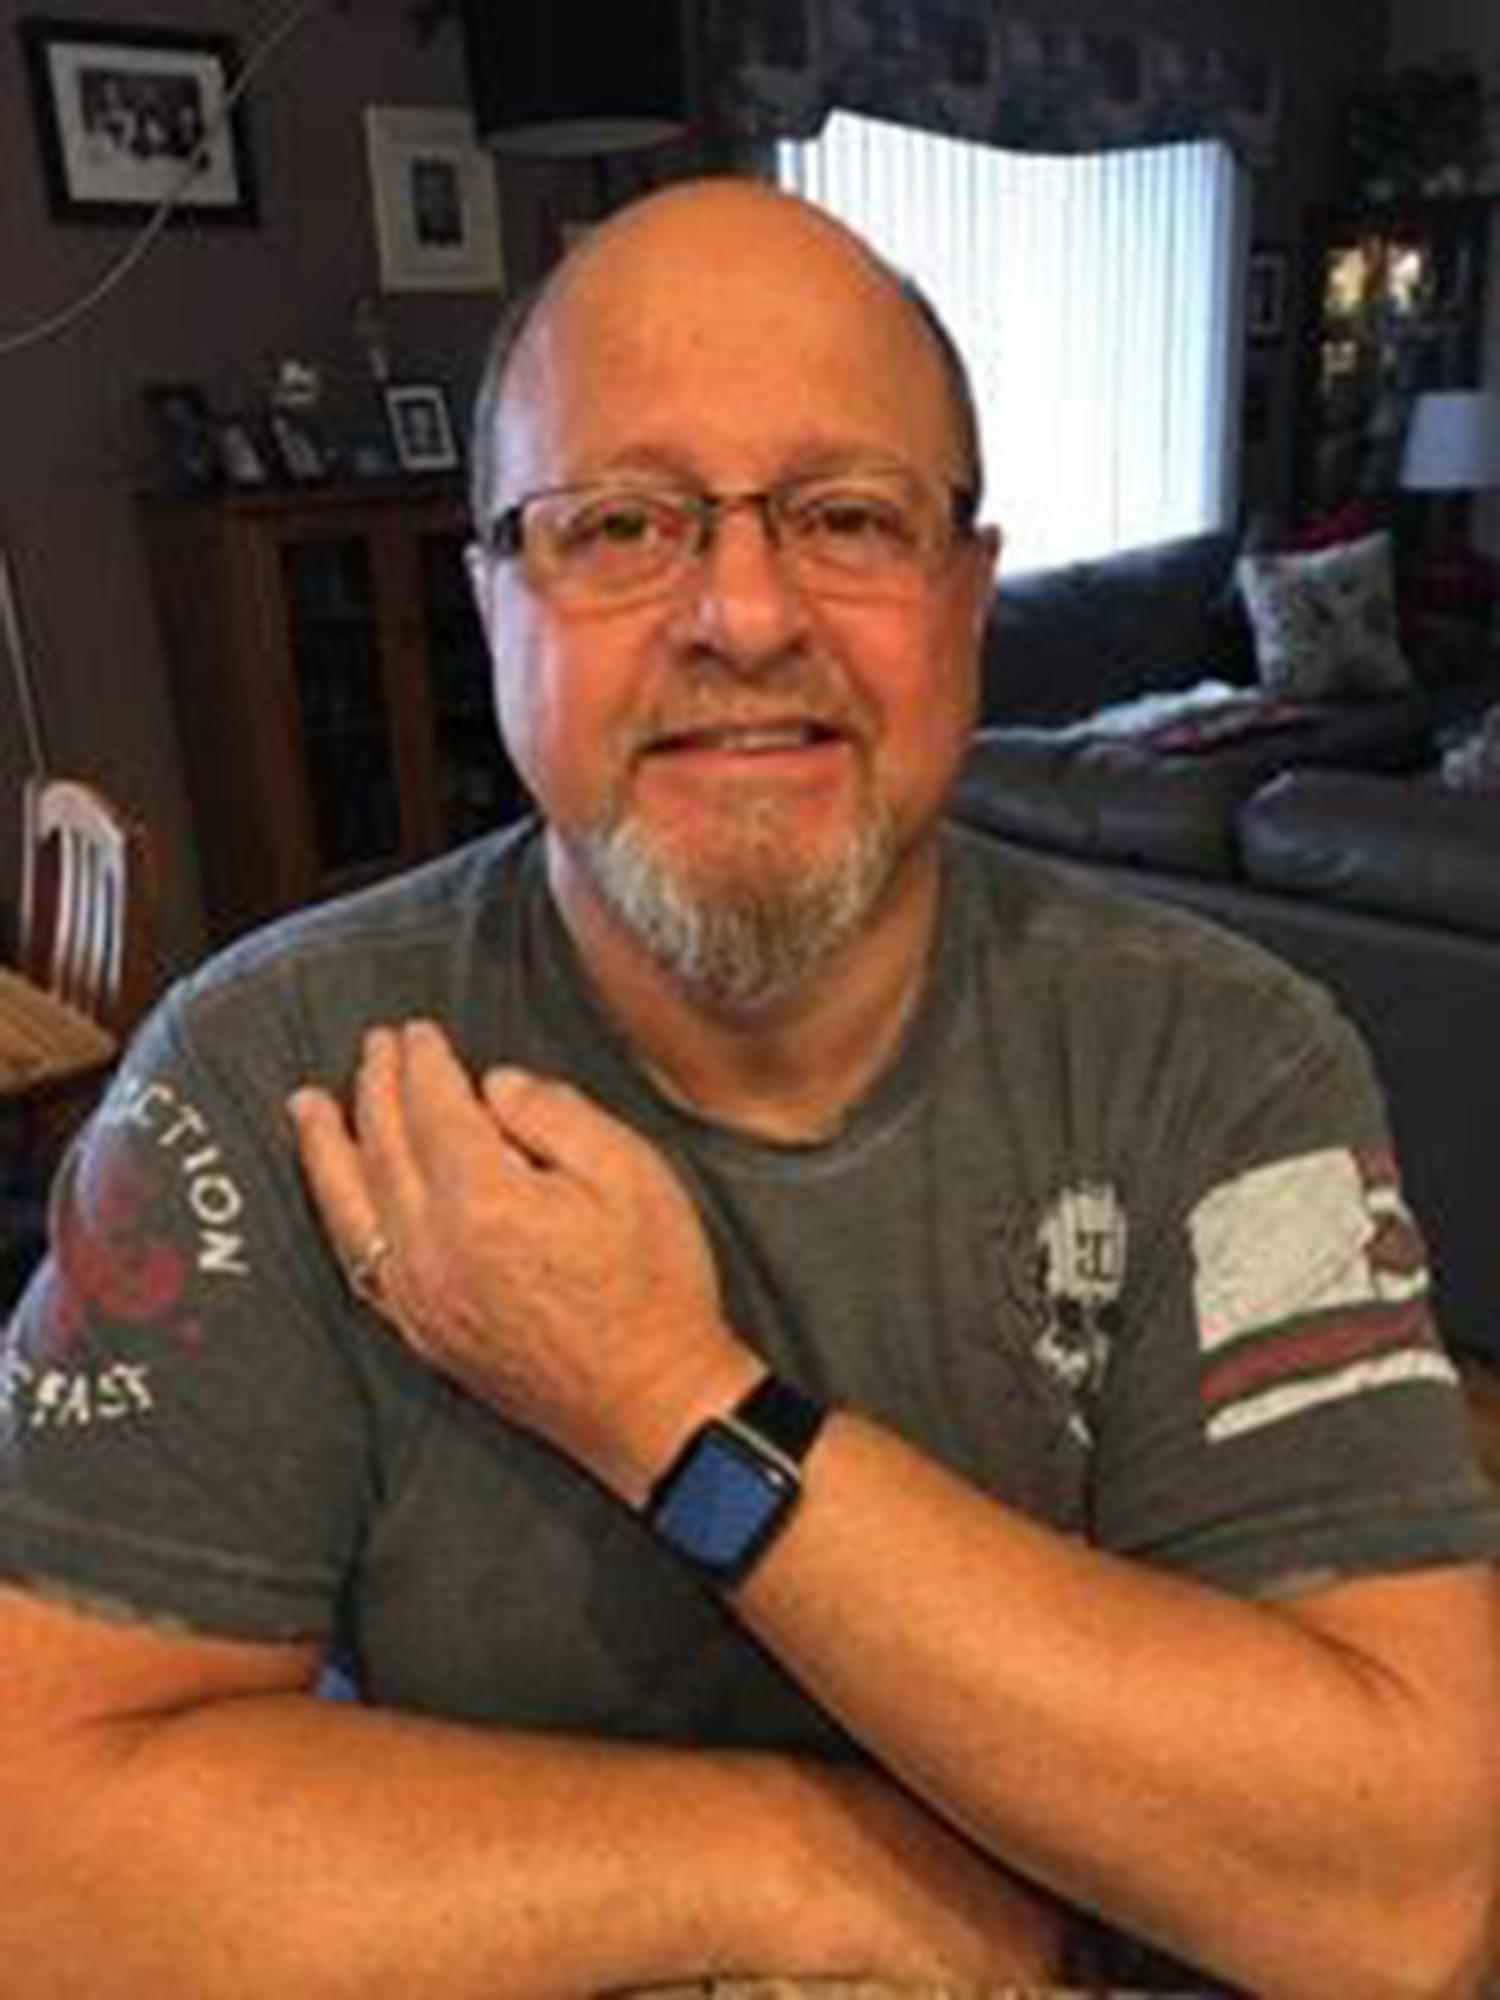 Anselmo Dennis con su apple watch